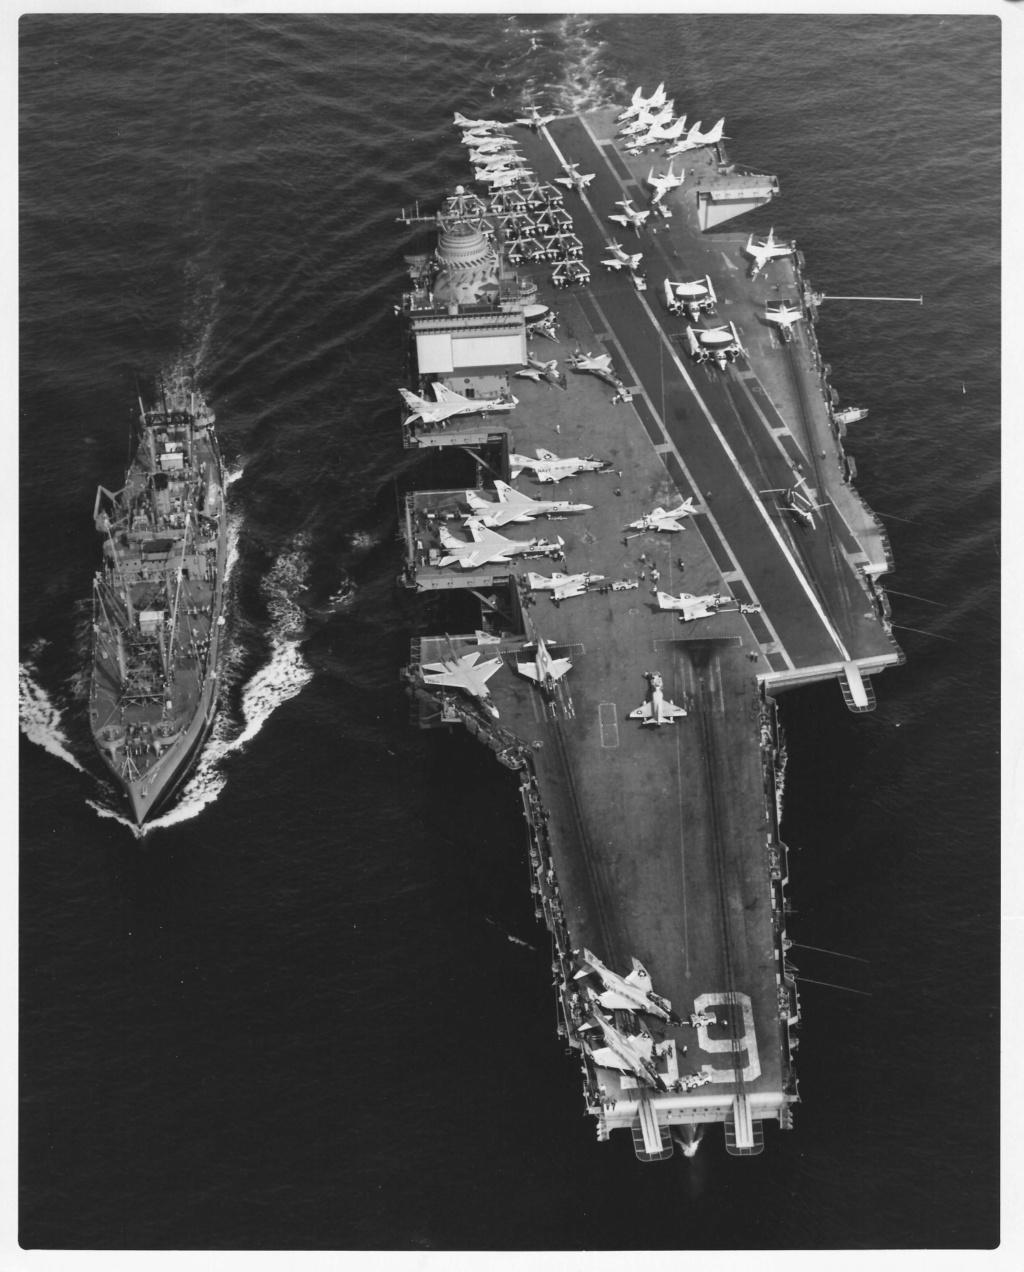 PORTE-AVIONS USS ENTERPRISE (CVN-65) Uss_en24